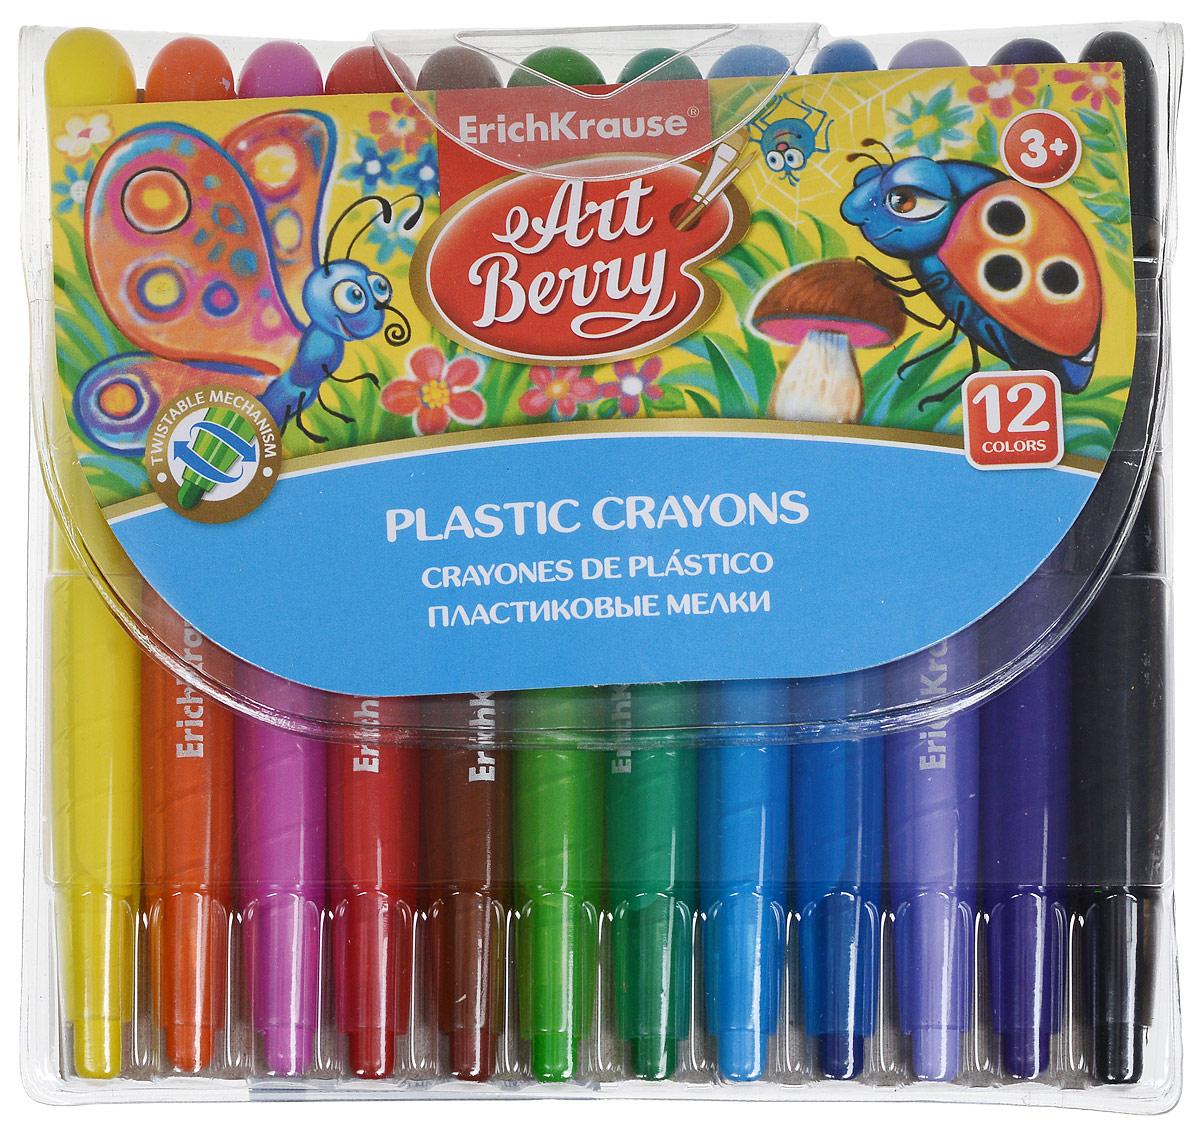 Erich Krause Мелки выкручивающиеся Art Berry 12 цветов34924Выкручивающиеся мелки Erich Krause Art Berry помогут вашему маленькому художнику раскрыть свой талант. В набор входят 12 цветных мелков (желтый, оранжевый, красный, розовый, коричневый, салатовый, зеленый, голубой, синий, светло-фиолетовый, фиолетовый, черный). Корпус мелков выполнен из высококачественного прочного пластика. Мелки удобны в использовании: необходимо просто повернуть корпус - и можно приступать к рисованию. Их не нужно точить, а еще они устойчивы к ломке.Эти мелки способствуют развитию у ребенка мелкой моторики рук, координации движений, цветовосприятия и творческого мышления.Уважаемые клиенты! Обращаем ваше внимание на то, что упаковка может иметь несколько видов дизайна. Качественные характеристики товара остаются неизменными. Поставка осуществляется в зависимости от наличия на складе.